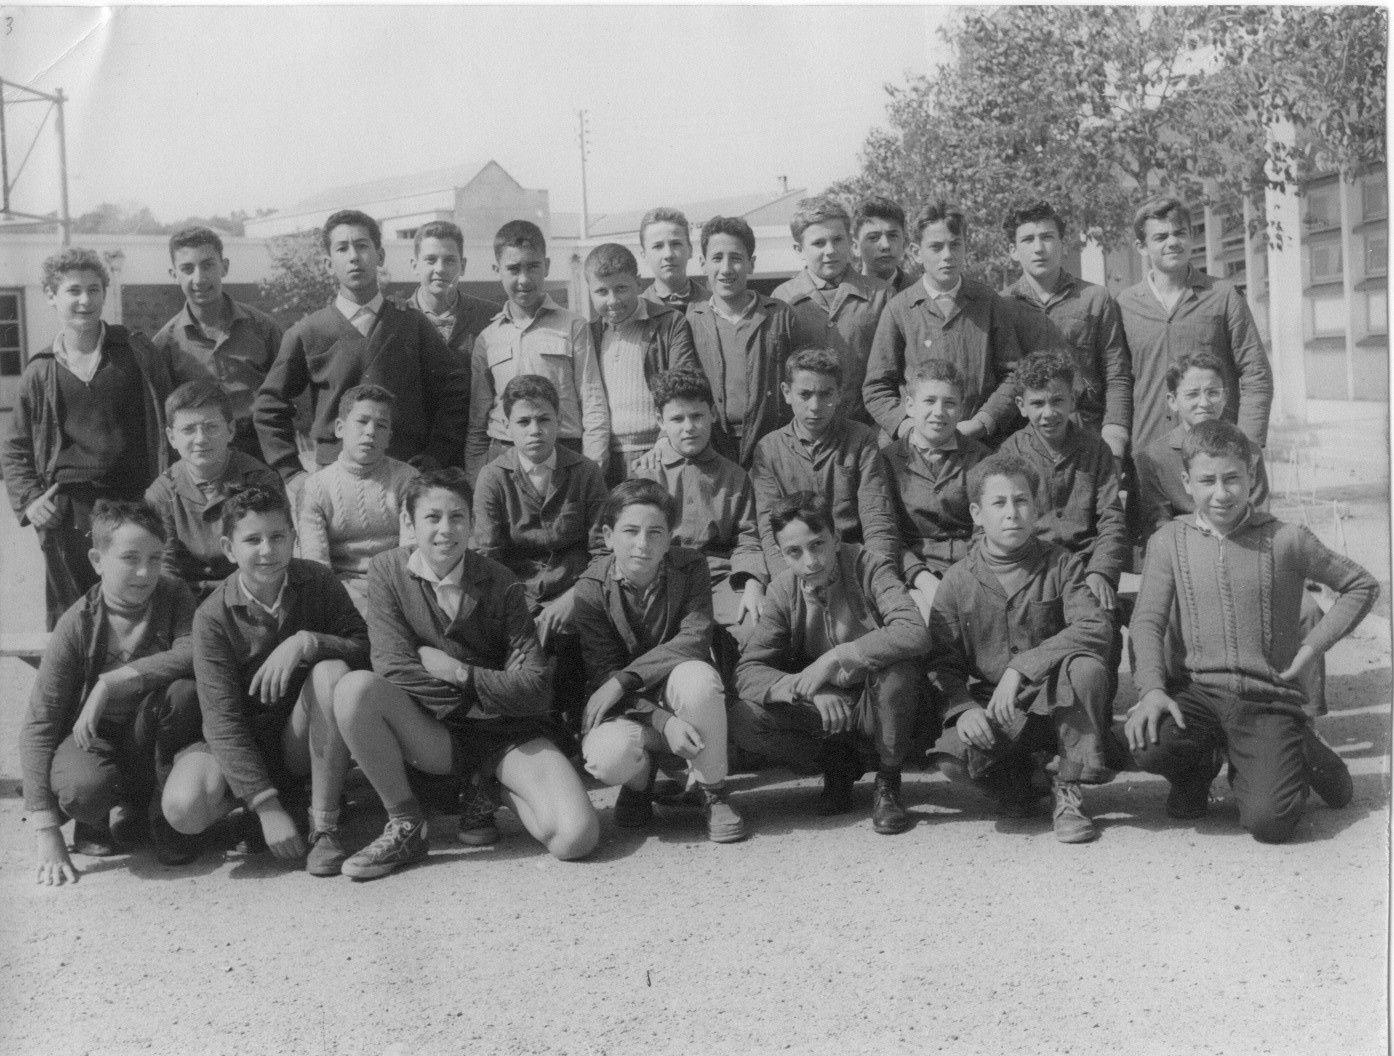 C'est une photo de la classe de 5B A, du collège Jules-Ferry de Jijel, prise au cours de l'année scolaire 1960-1961. Sur le rang du fond, debout à l'extrême gauche: mon frère Antar Abdelaziz. Au 1er rang, le deuxième accroupi à droite: Mokhtar Zine, l'ami de mon frère et le mien.